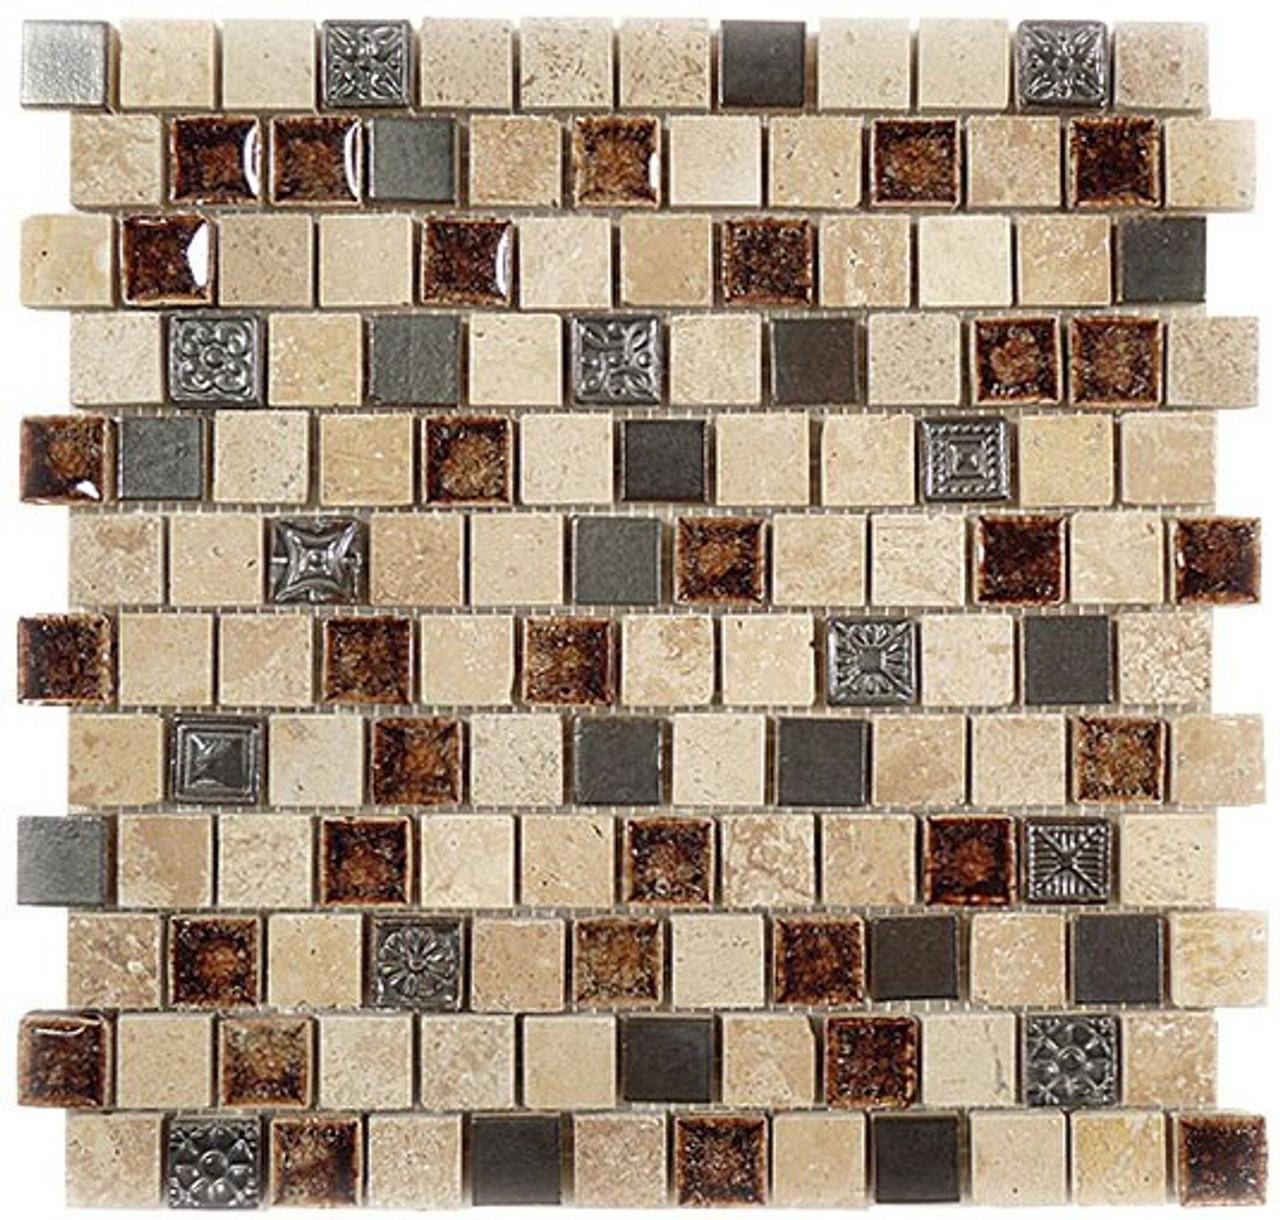 Bella Glass Tiles Tranquil Series Offset Russian Denim